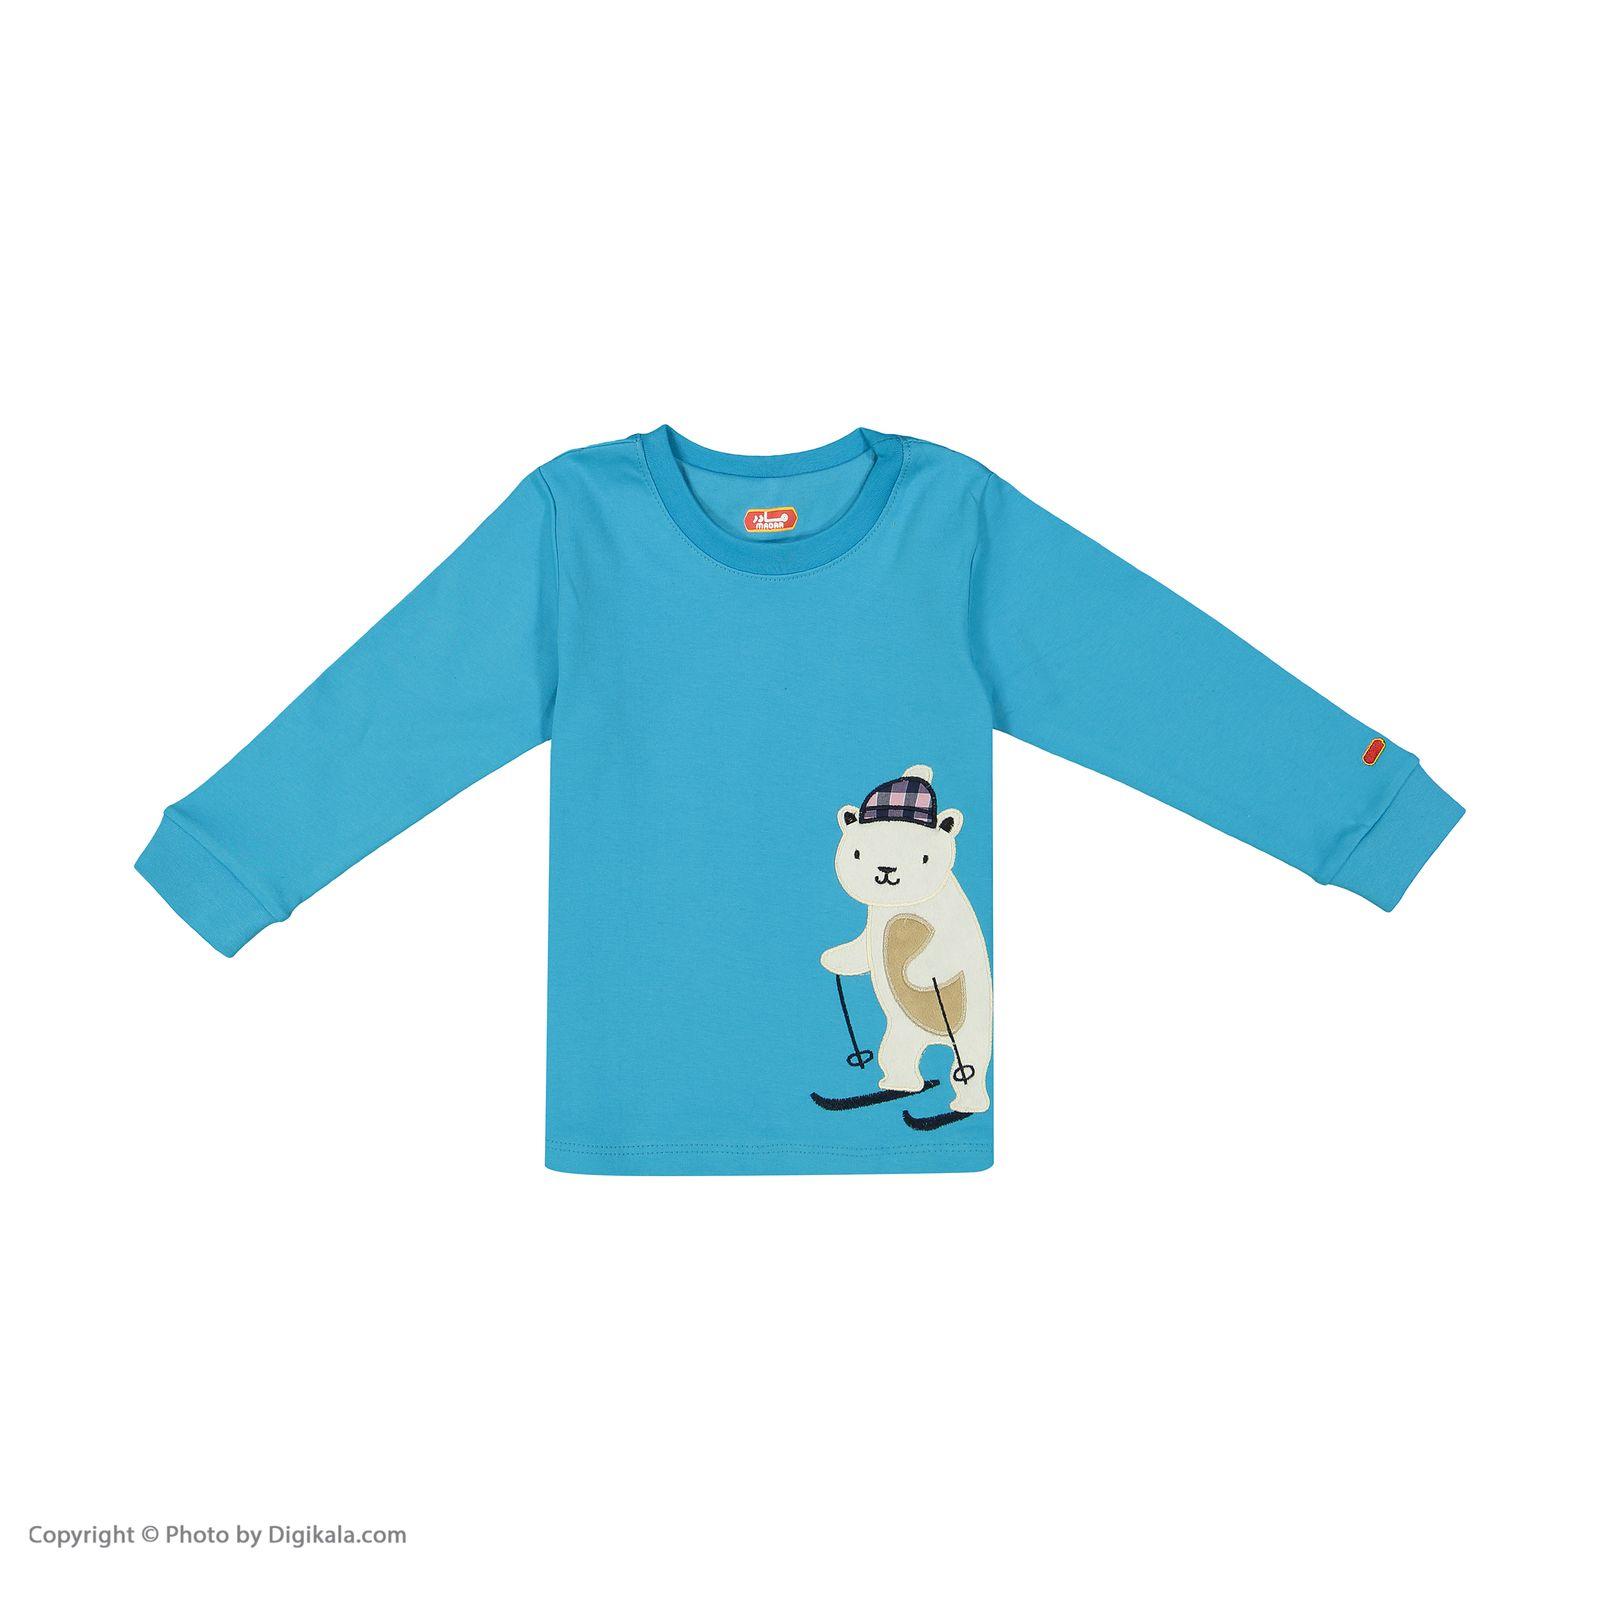 ست تی شرت و شلوار پسرانه مادر مدل 318-53 main 1 2